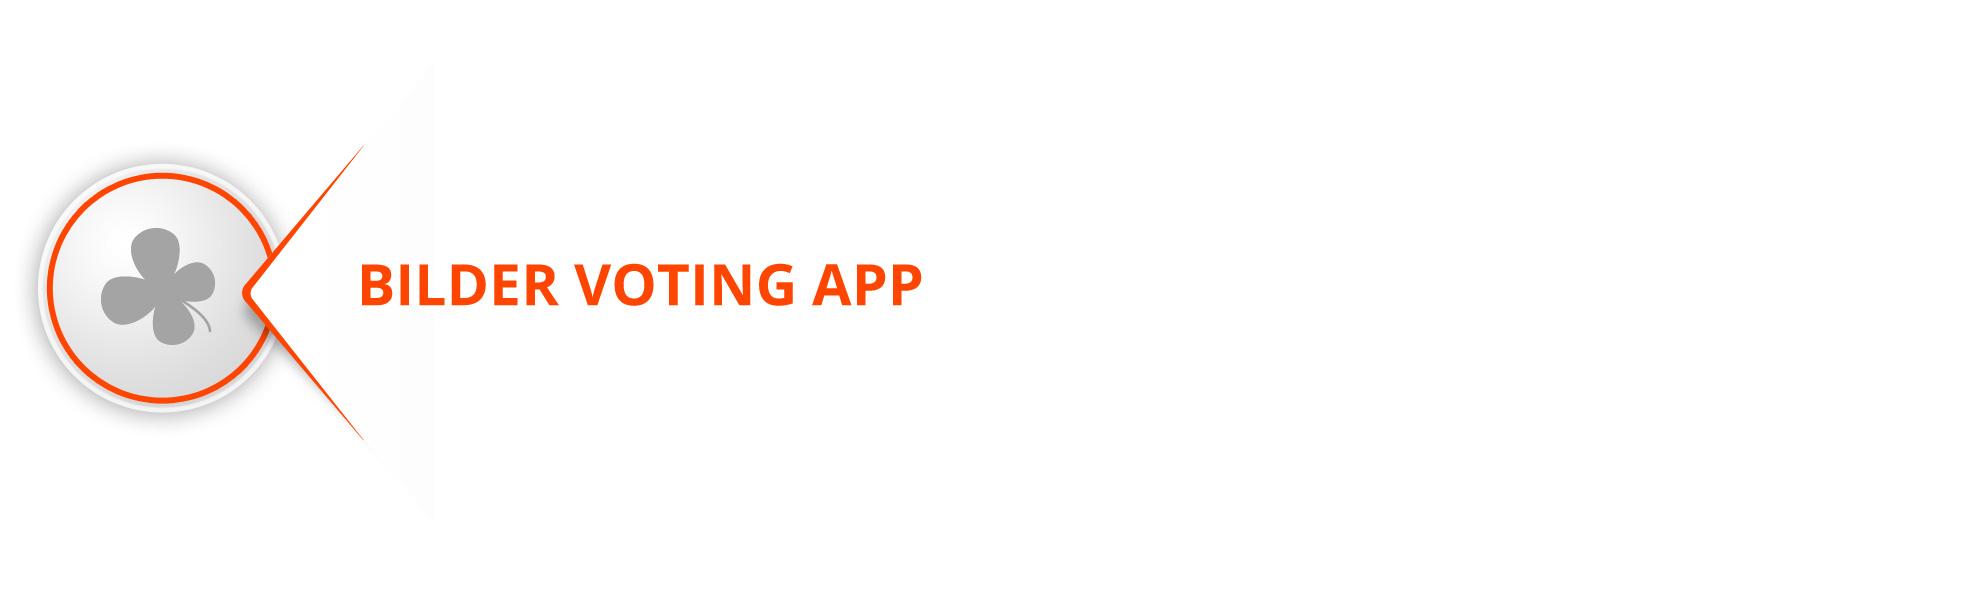 bilder-voting-app-azobit